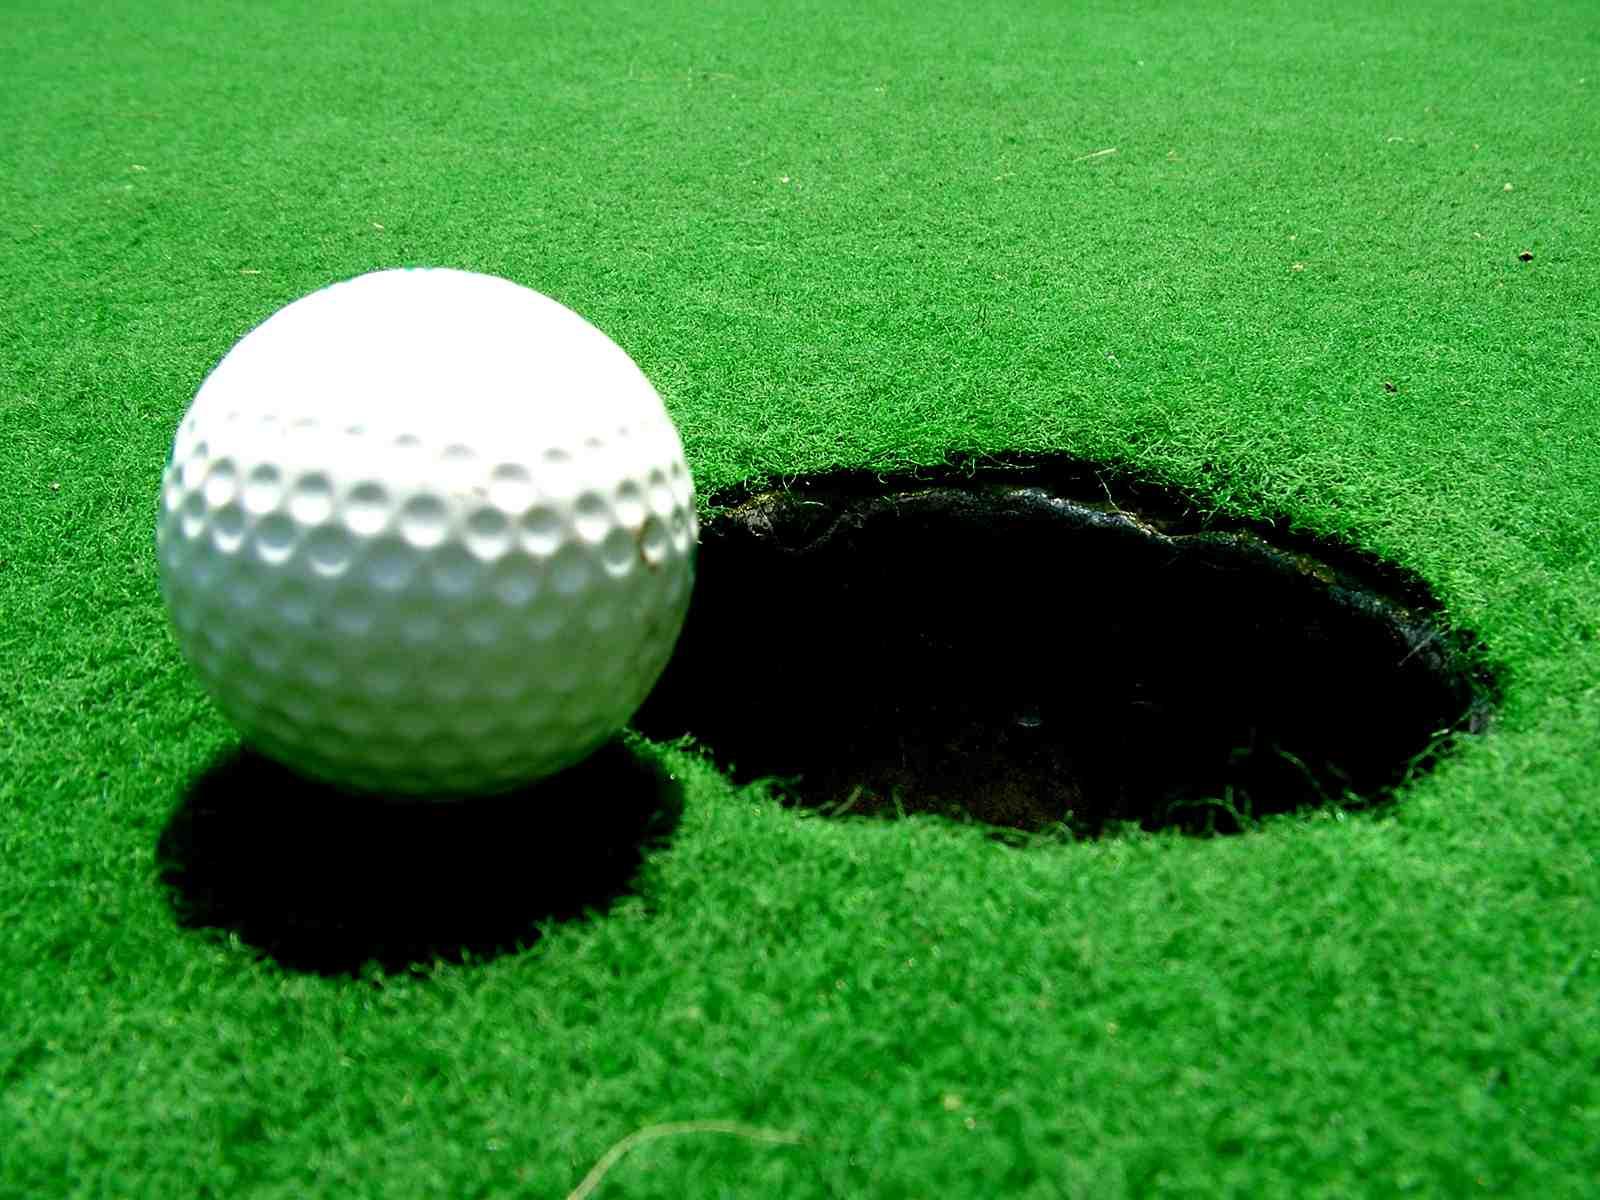 Où placer la balle au golf ?